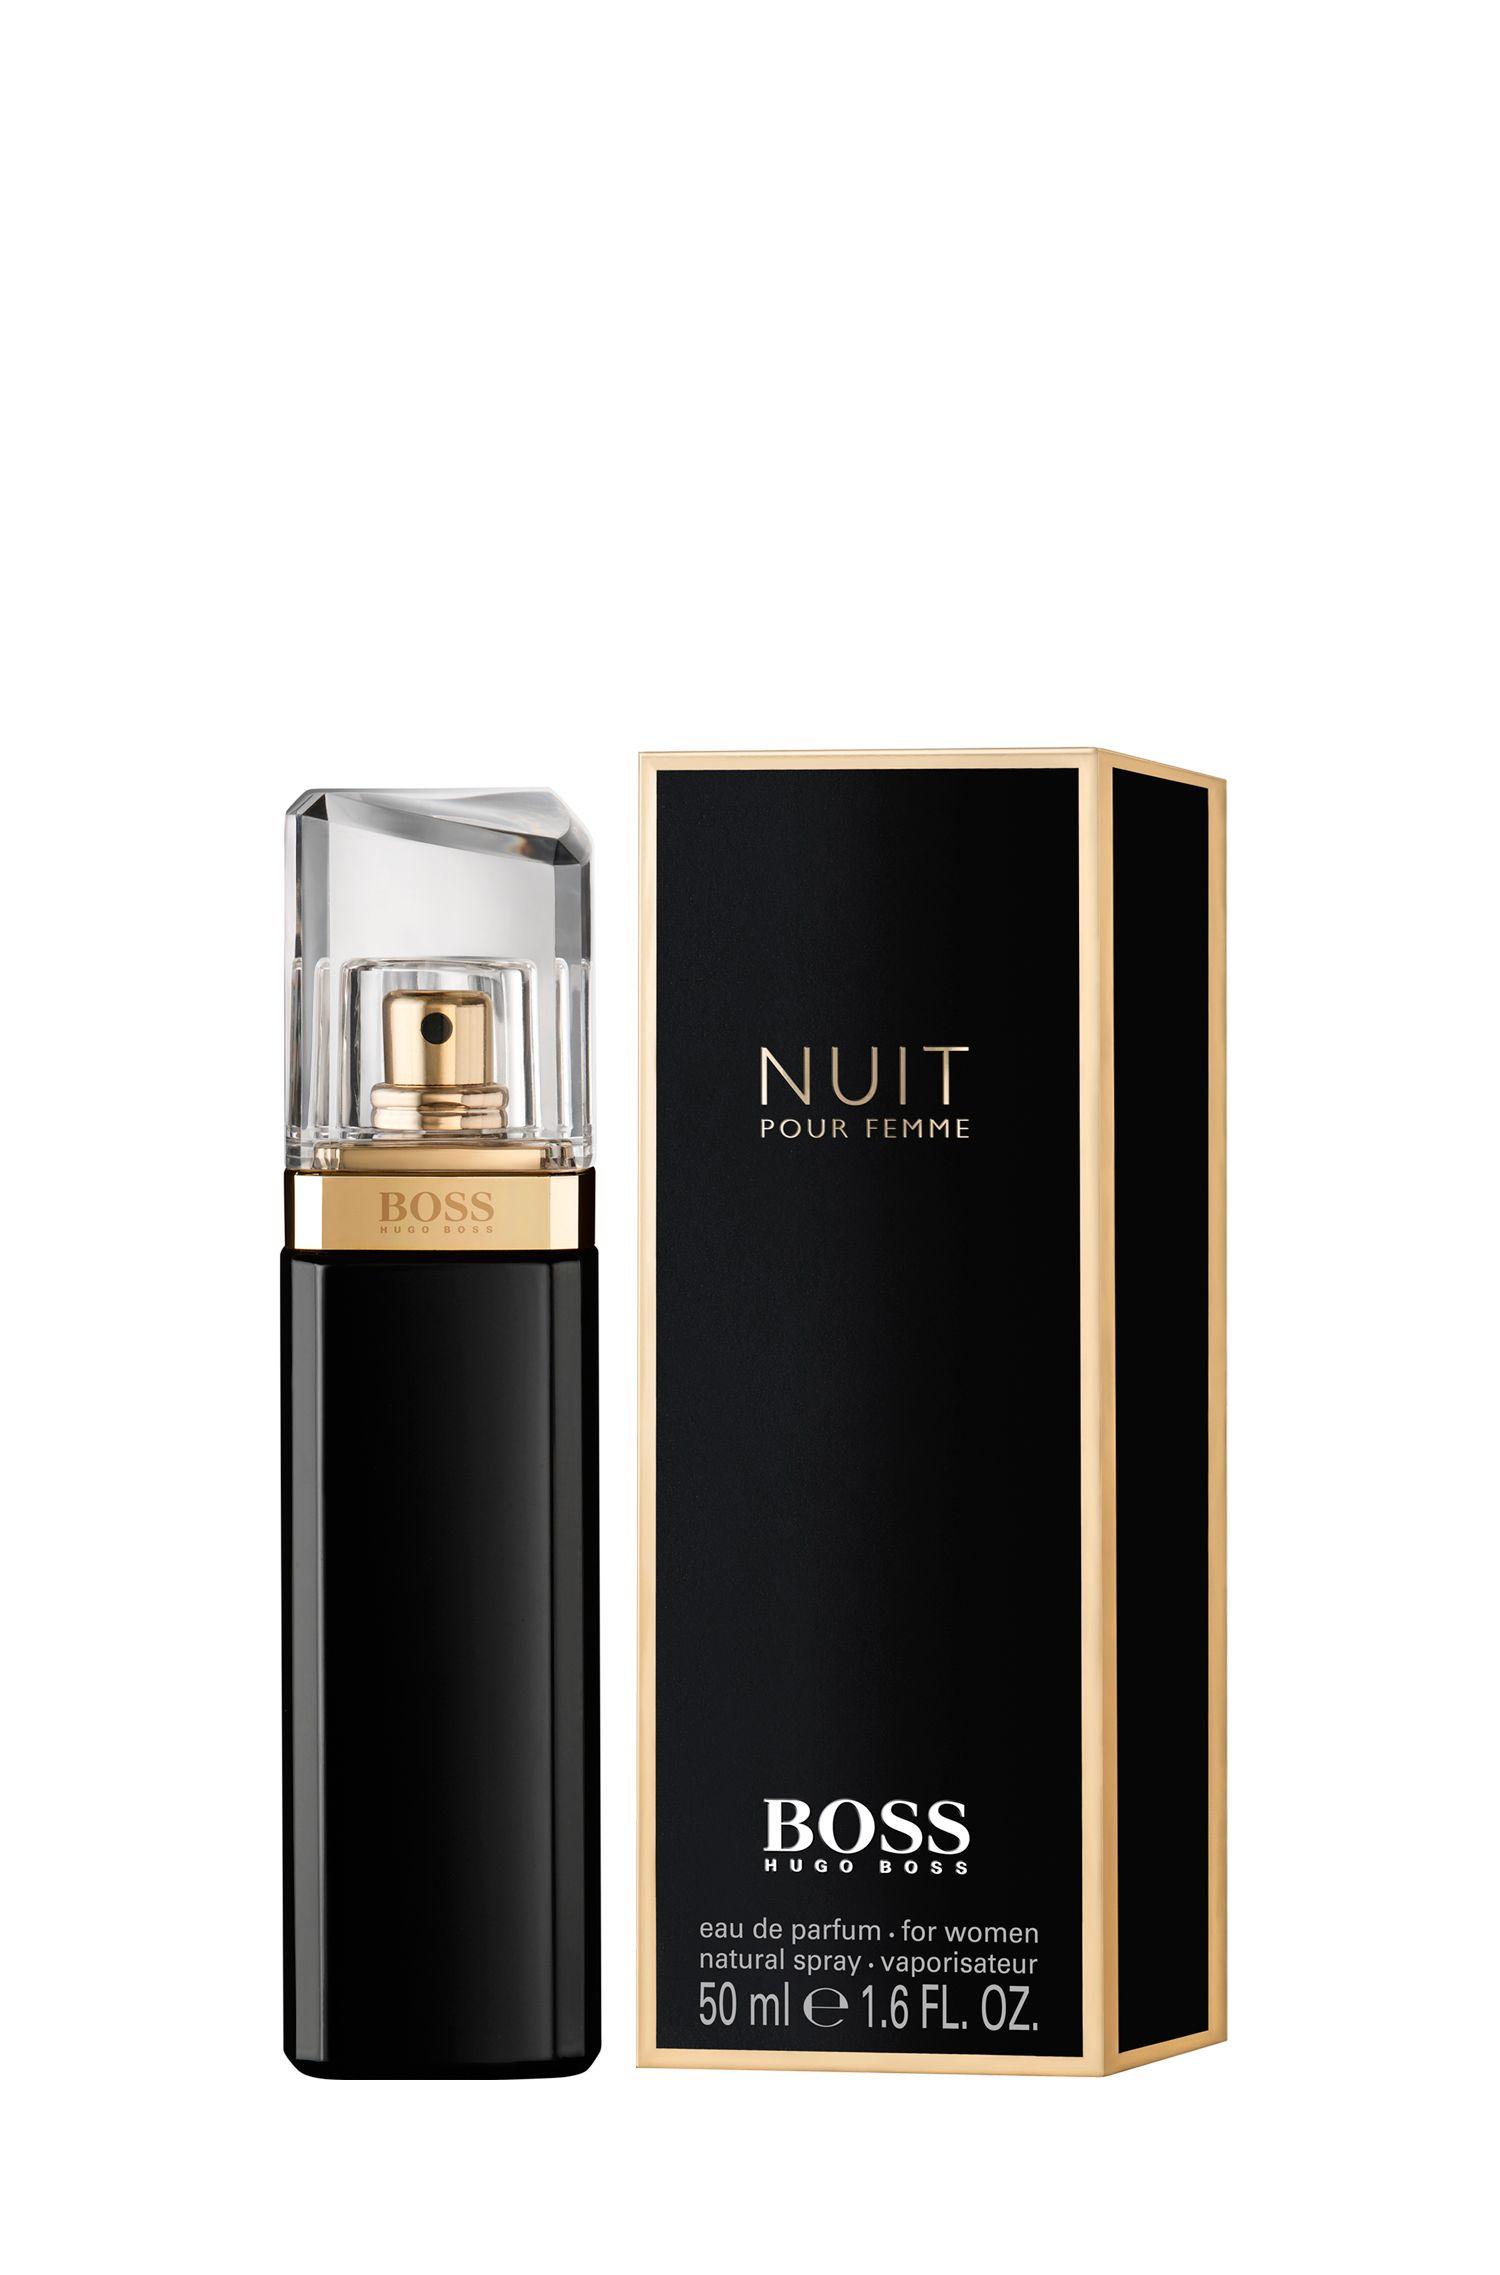 Eau de parfum BOSS Nuit pour femme de 50ml, Assorted-Pre-Pack